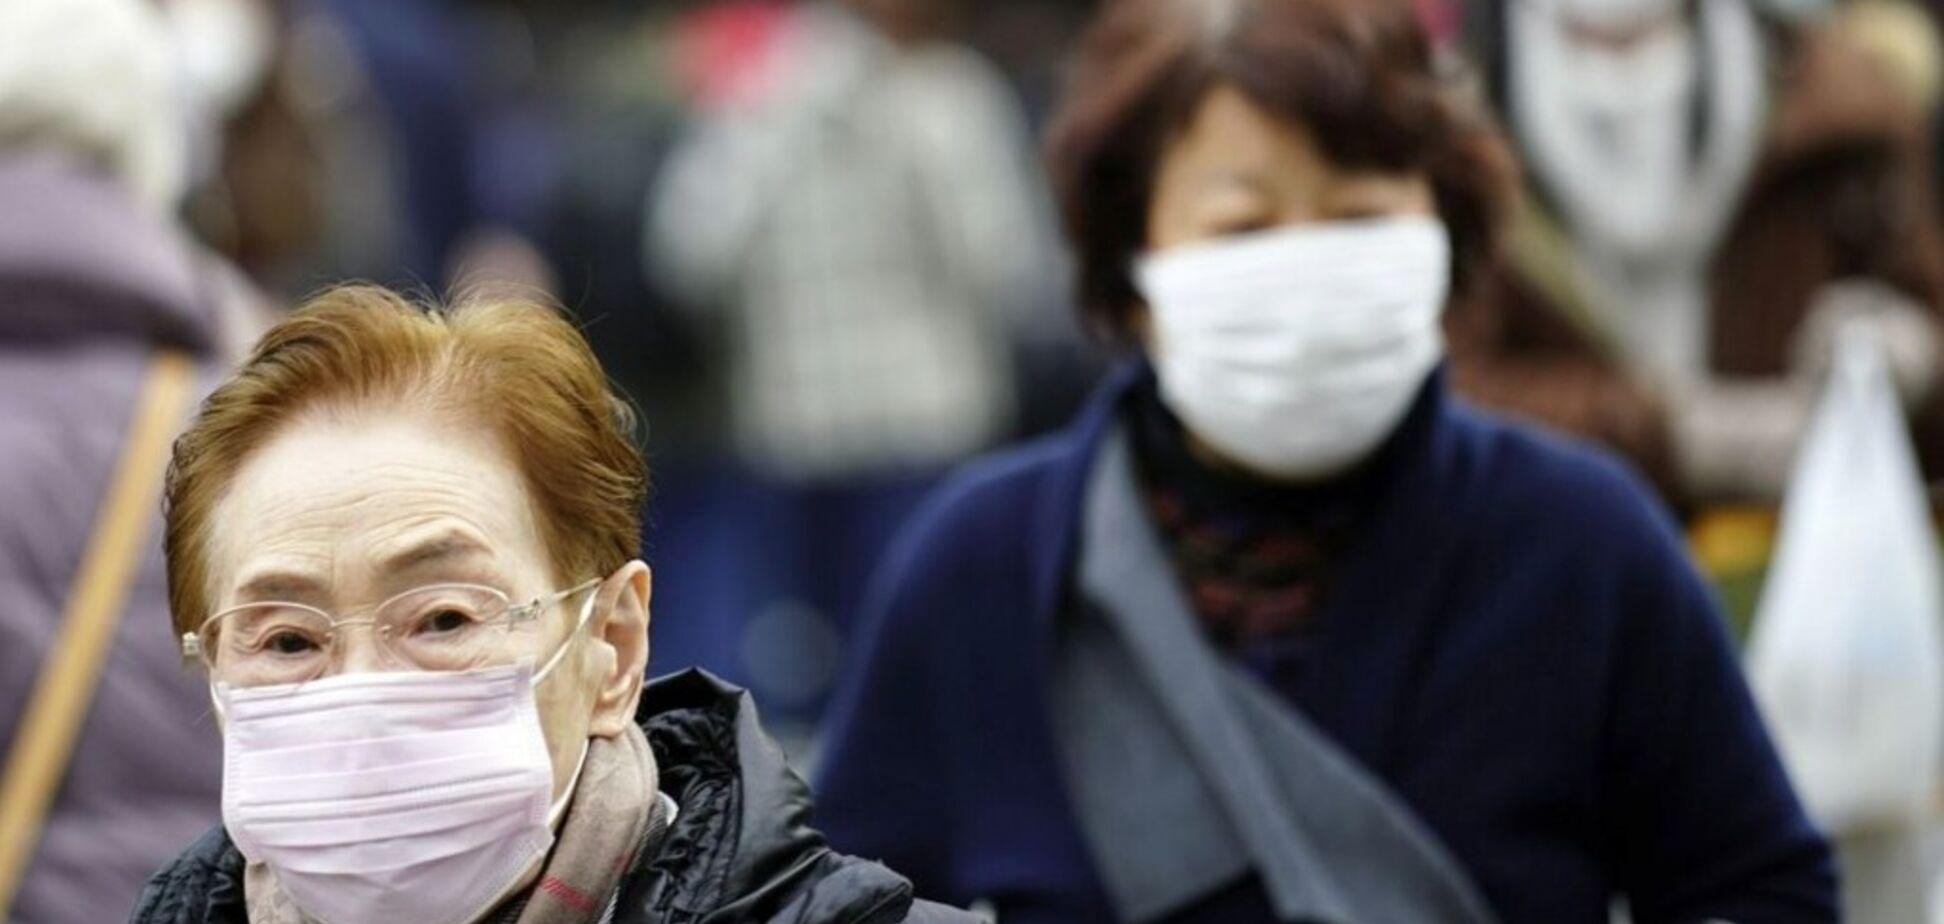 Смертельний вірус із Китаю: медики розповіли, як від нього захиститися